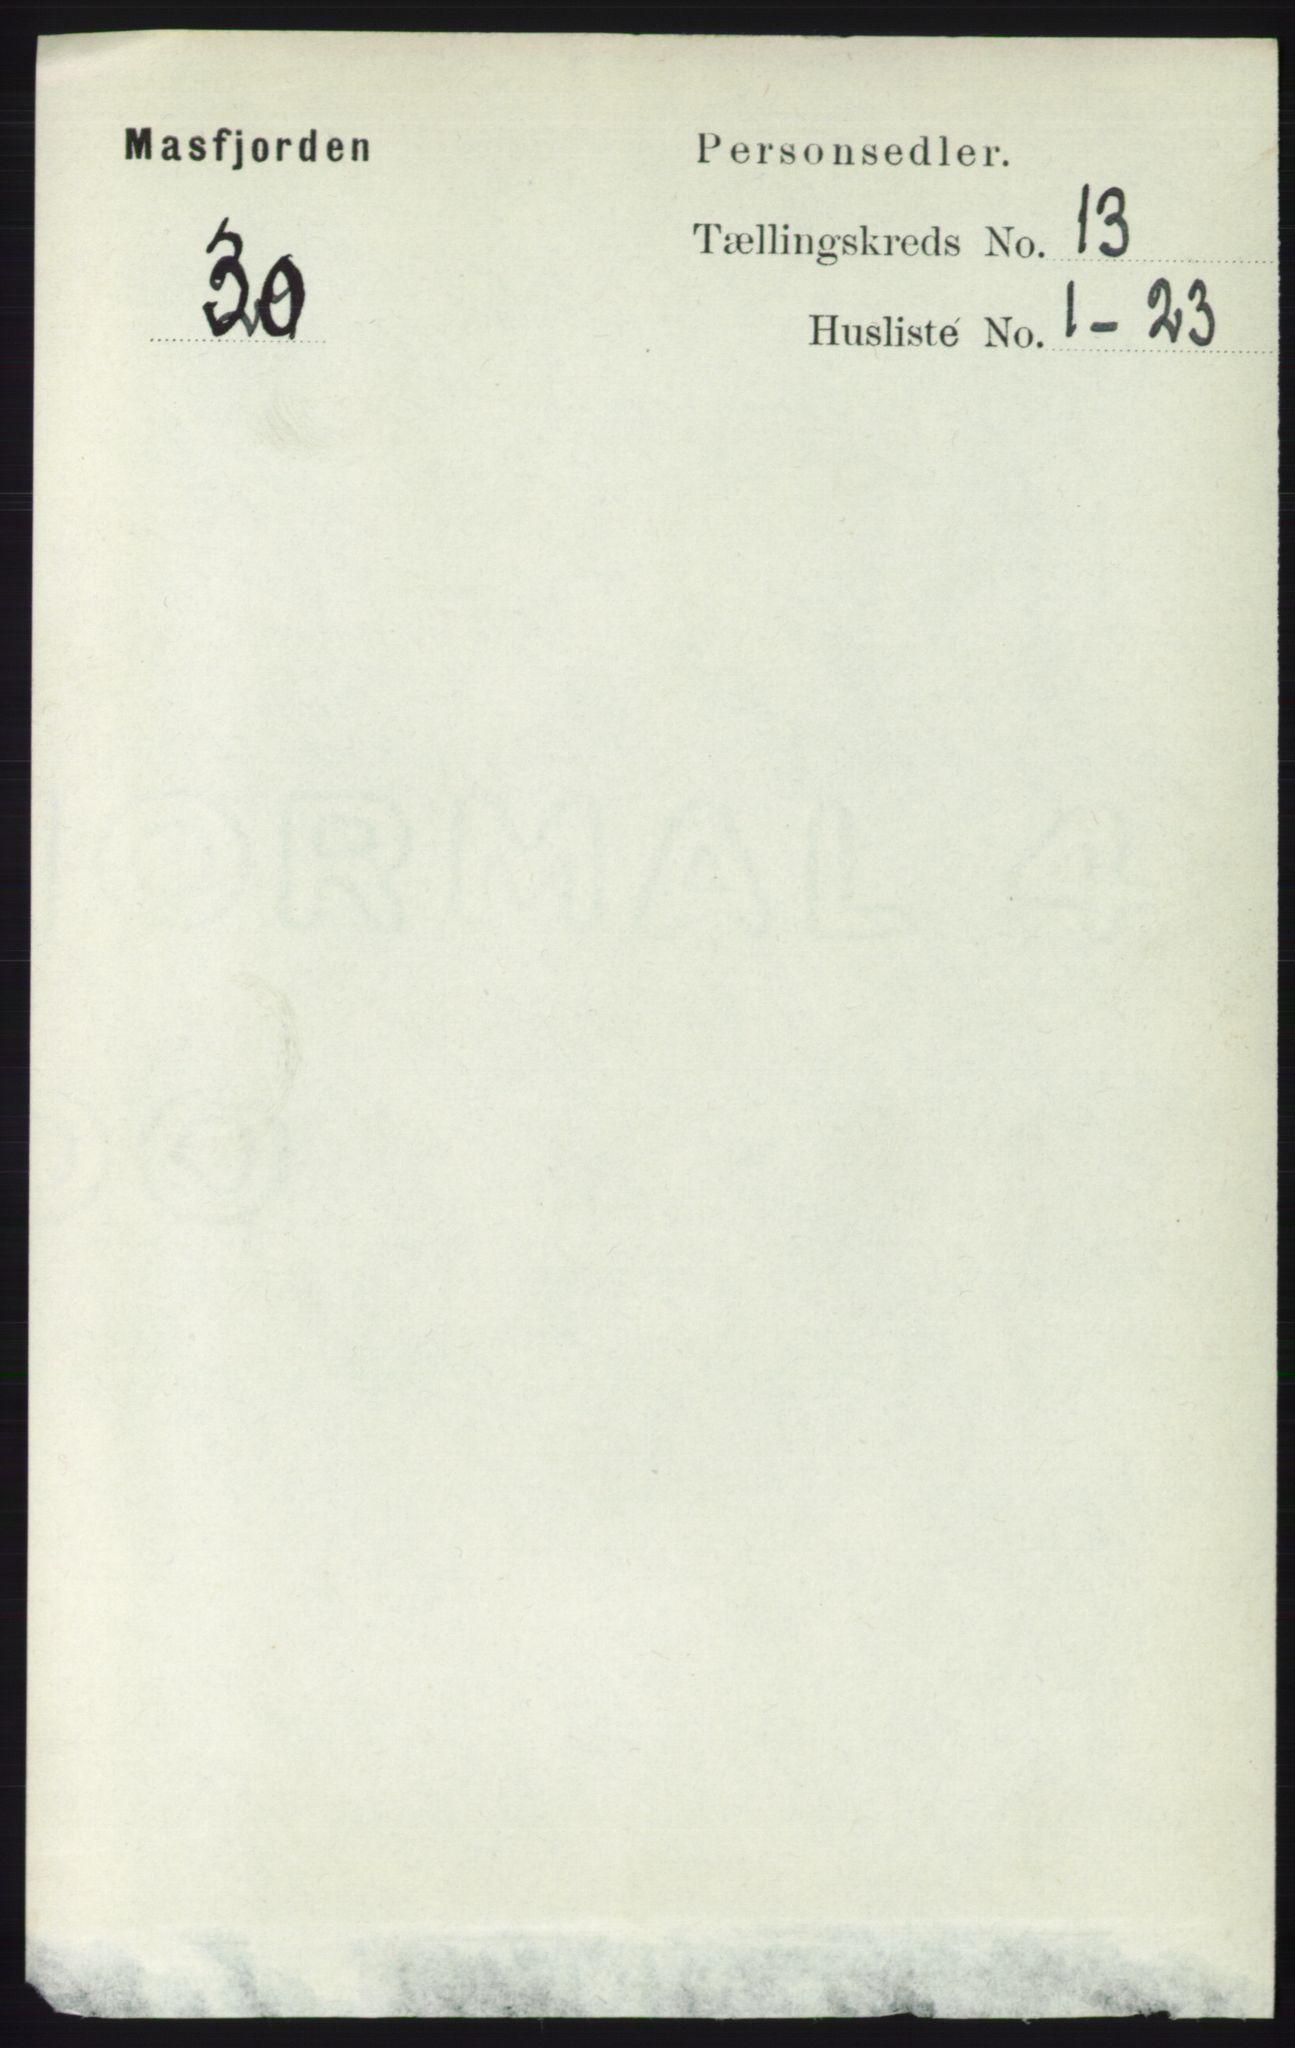 RA, Folketelling 1891 for 1266 Masfjorden herred, 1891, s. 2626